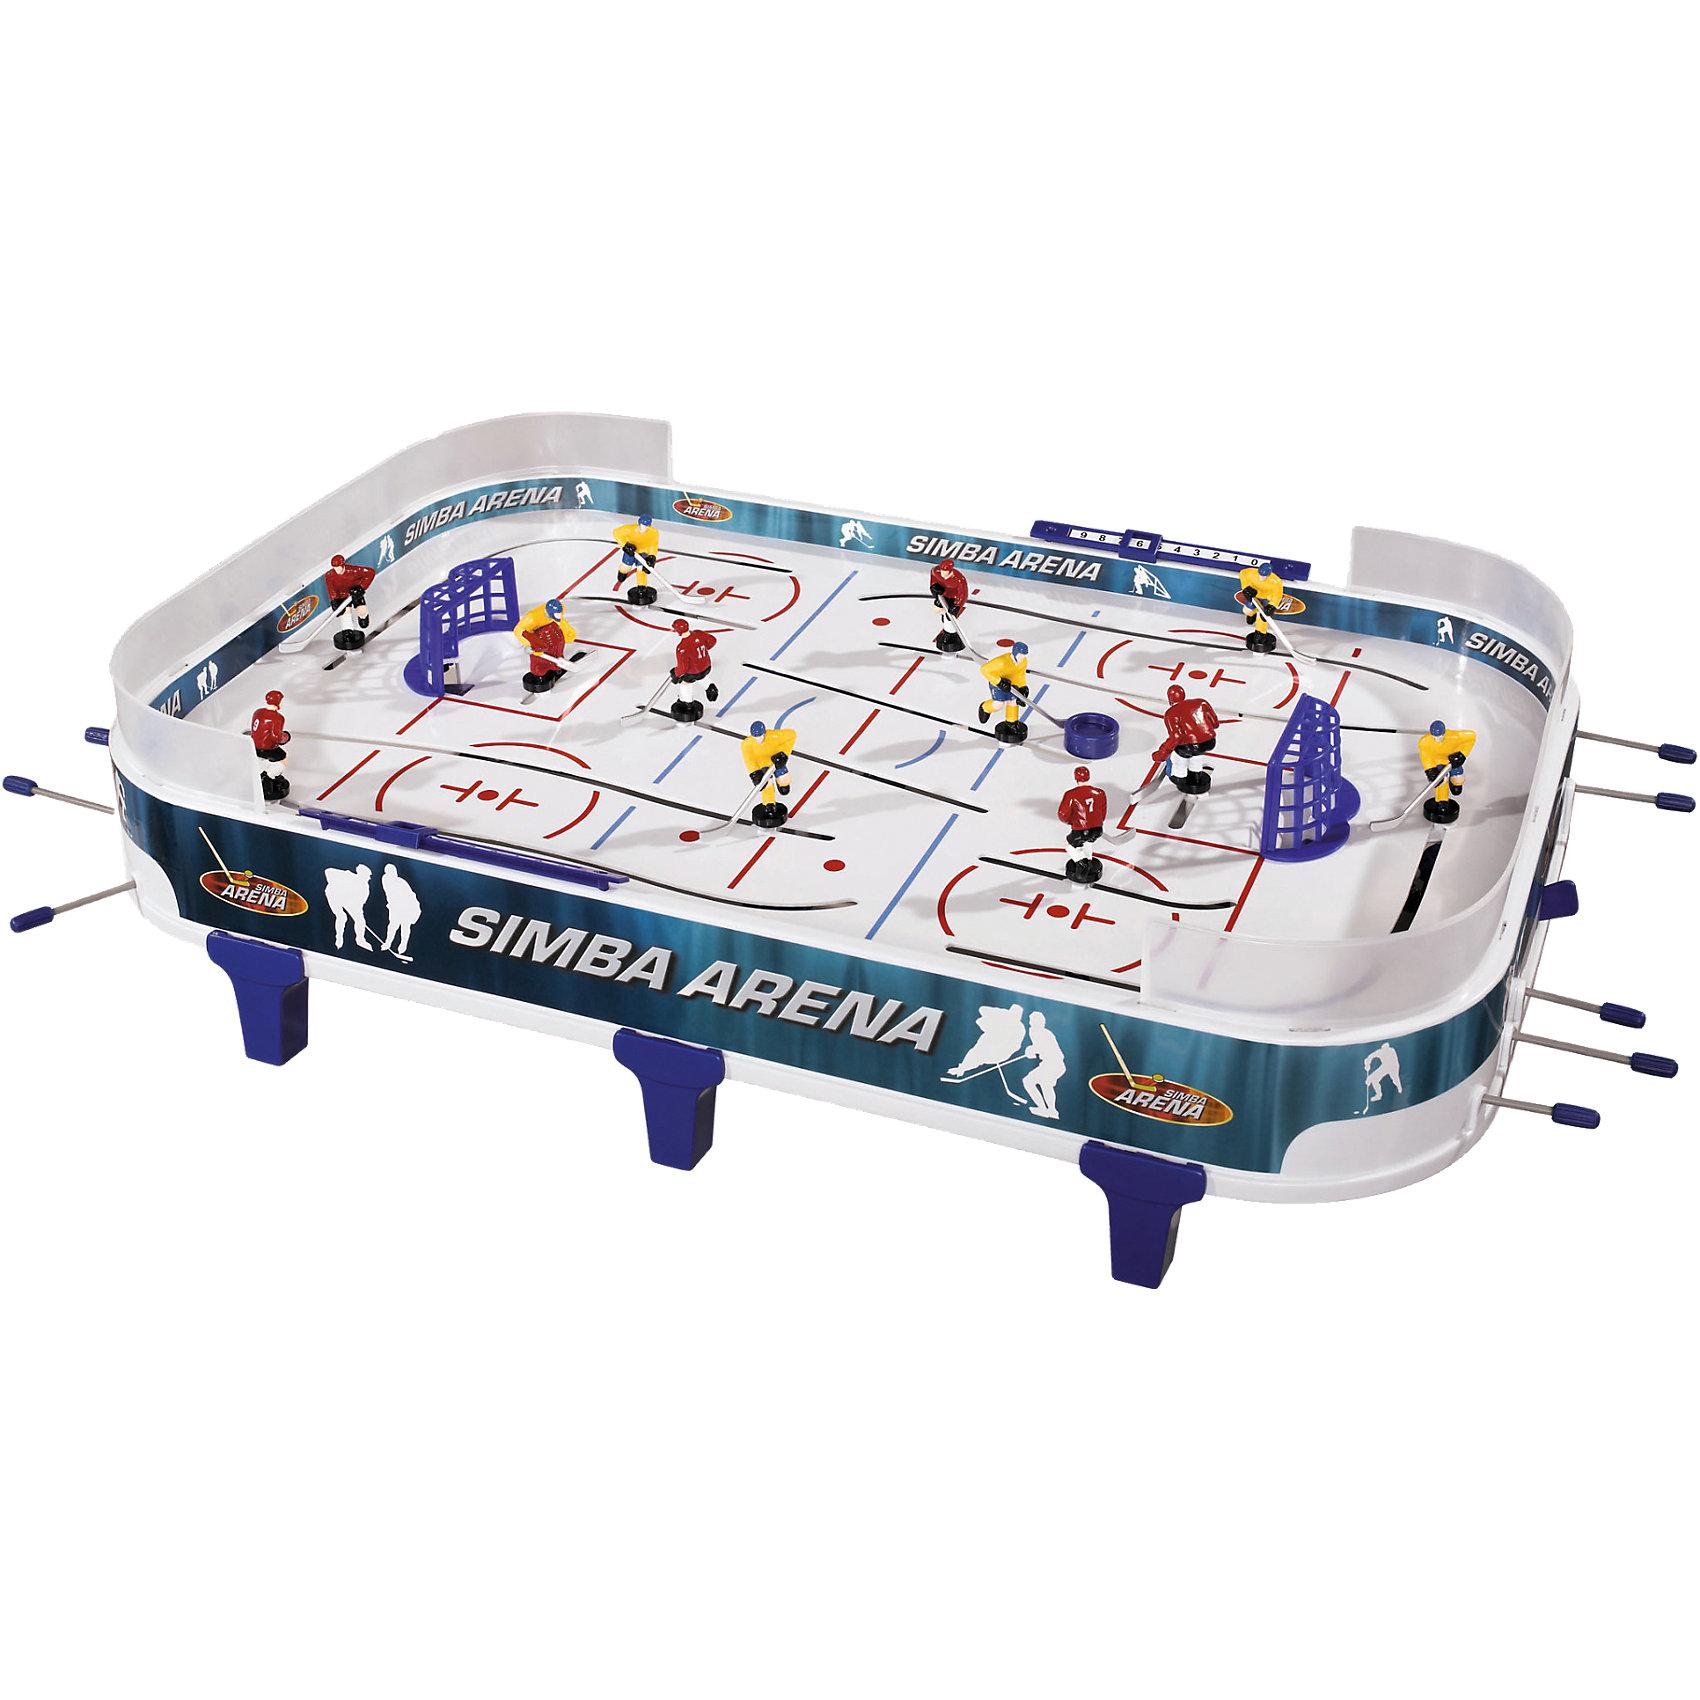 Simba Хоккей настольныйИдеи подарков<br>Увлекательная настольная игра. Цель игры как и в настоящем хоккее - забить как можно больше голов в ворота противника. Фигурки  хоккеистов передвигаются с помощью рычагов управления по краям стола. В комплекте: 10 игроков, 2 вратаря, шайба, счетчик голов на воротах, автоматический выброс шайбы. На бортиках стола есть табло для ведения счёта.<br><br>Дополнительная информация:<br><br>Материал: металл, фигурки изготовлены из упрочненного пластика<br>- Размер игрушки: 66,5 х 42 х 7 см.<br>- Размер упаковки: 70 х 8,5 х 41 см.<br>- Вес: 2,740 кг.<br><br>Игрушка развивает ловкость, координацию, учит работать в команде.<br>Купить  настольный хоккей  можно в нашем магазине.<br><br>Ширина мм: 711<br>Глубина мм: 431<br>Высота мм: 83<br>Вес г: 2325<br>Возраст от месяцев: 60<br>Возраст до месяцев: 144<br>Пол: Мужской<br>Возраст: Детский<br>SKU: 1623571